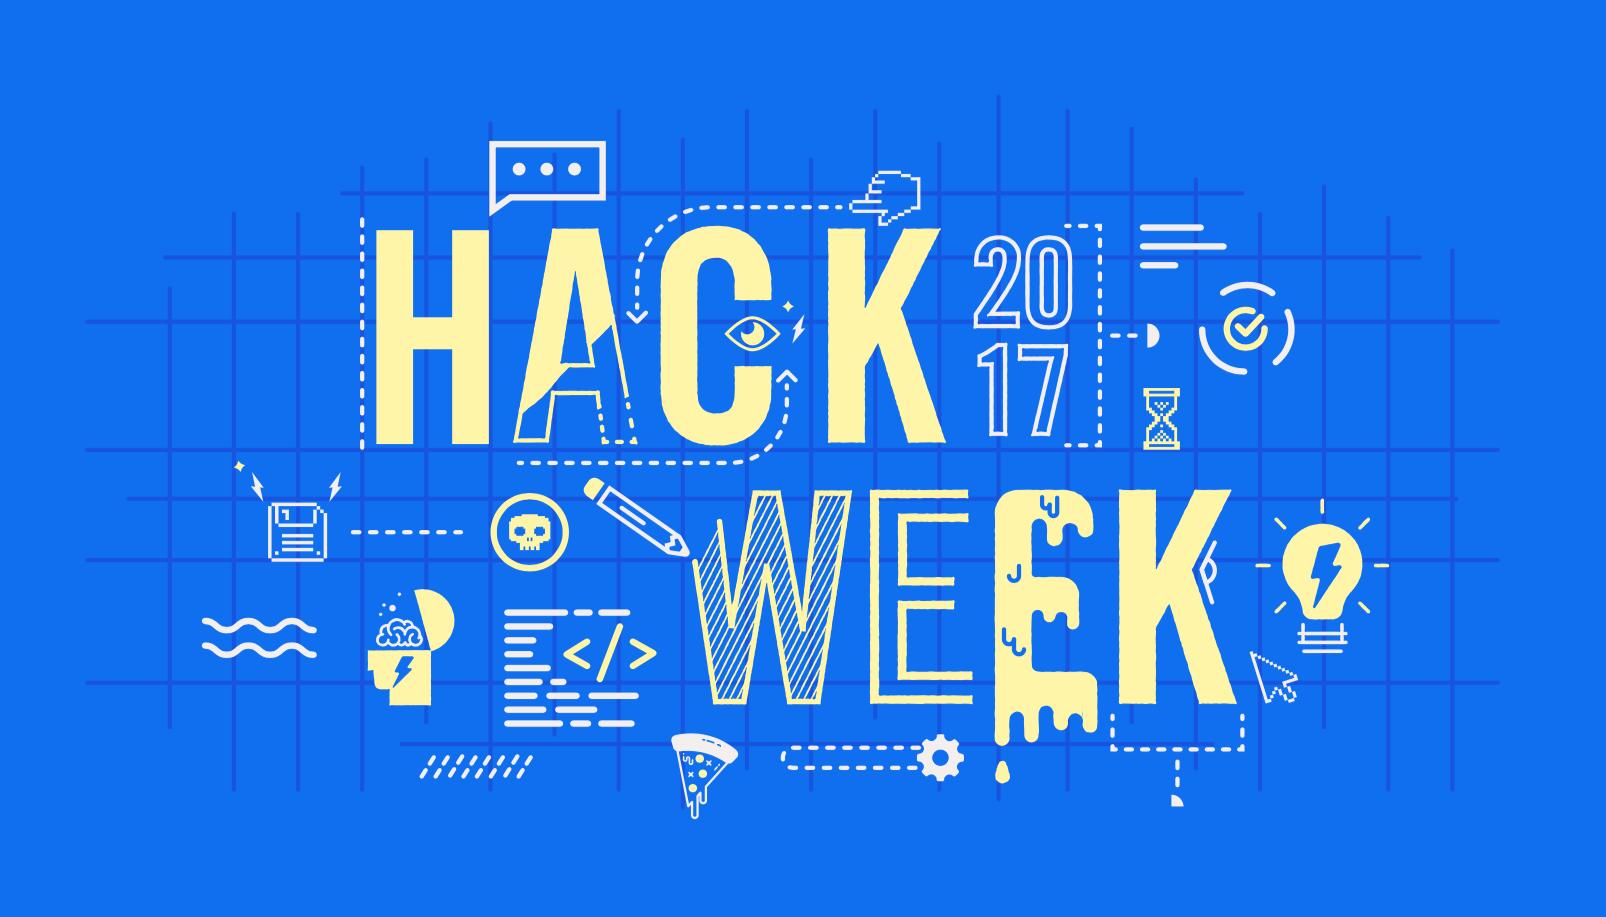 hack-week-blueprint.png